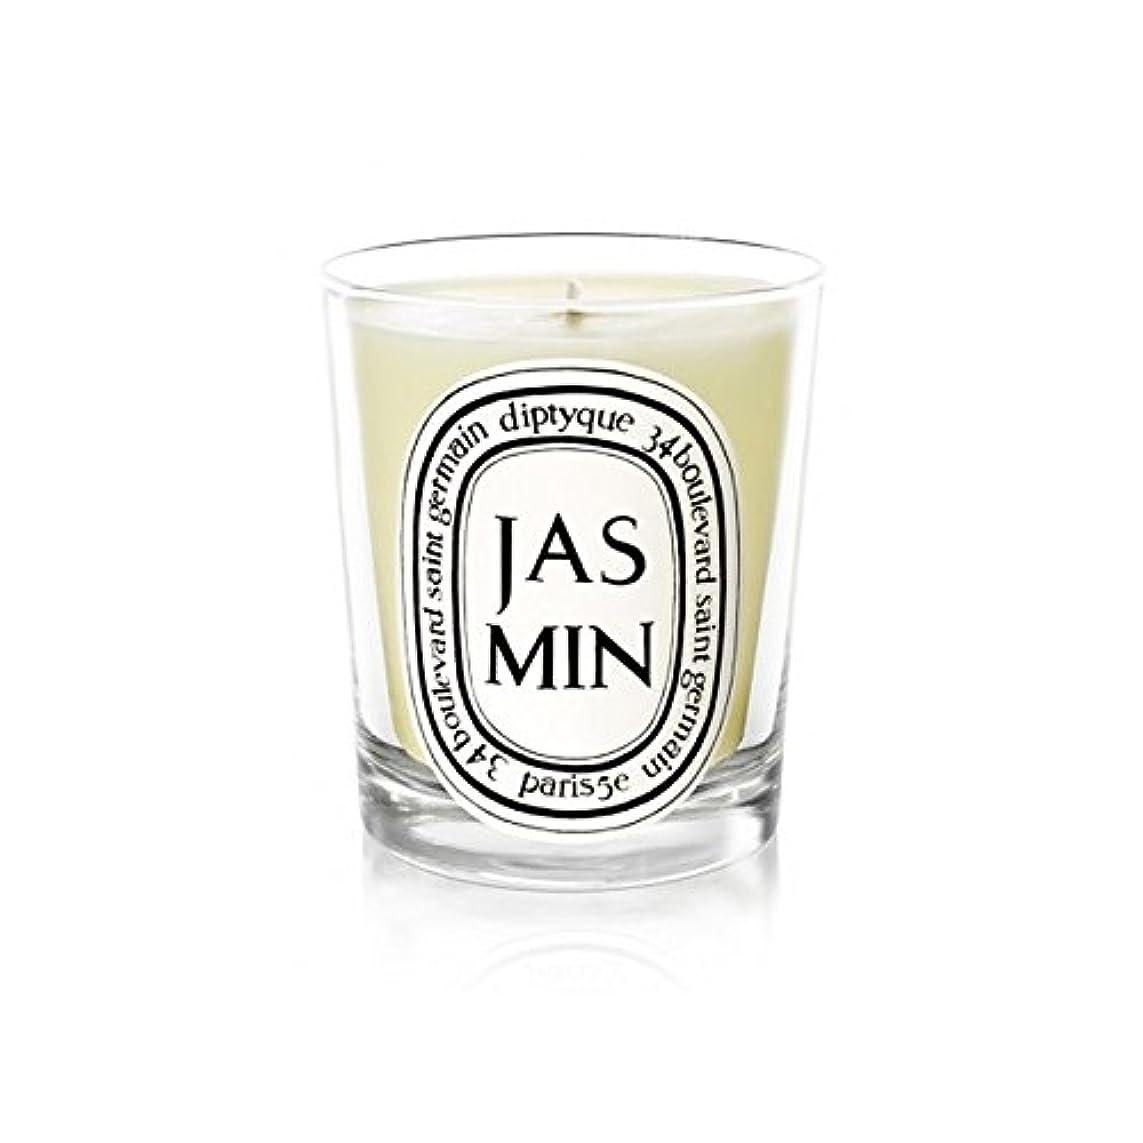 参加者ロック解除レディDiptyque Candle Jasmin / Jasmine 190g (Pack of 6) - Diptyqueキャンドルジャスミン/ジャスミン190グラム (x6) [並行輸入品]